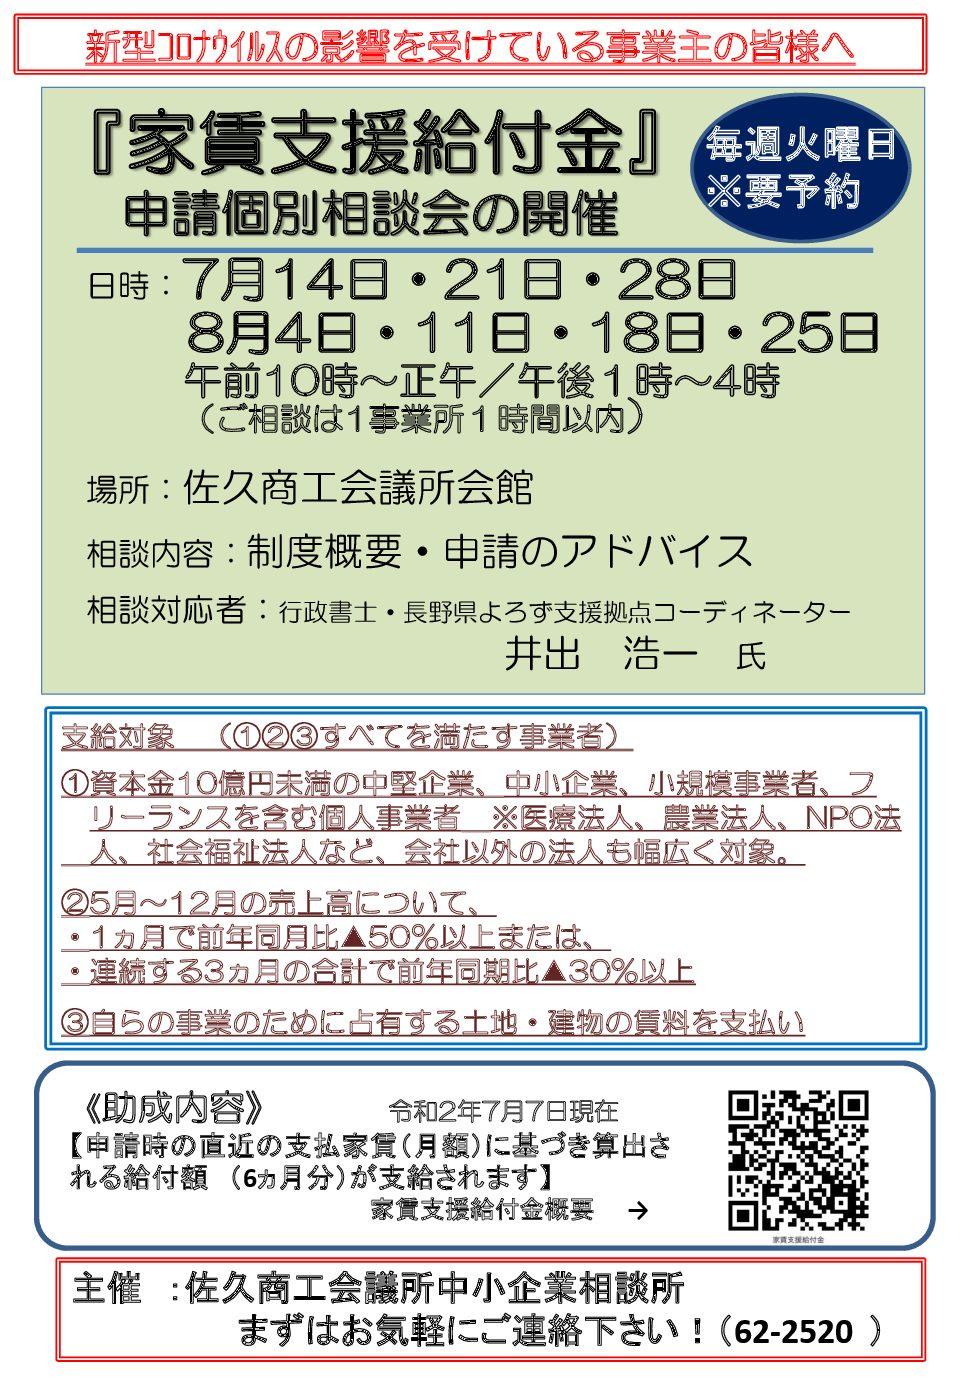 イメージ:『家賃支援給付金』   申請個別相談会の開催